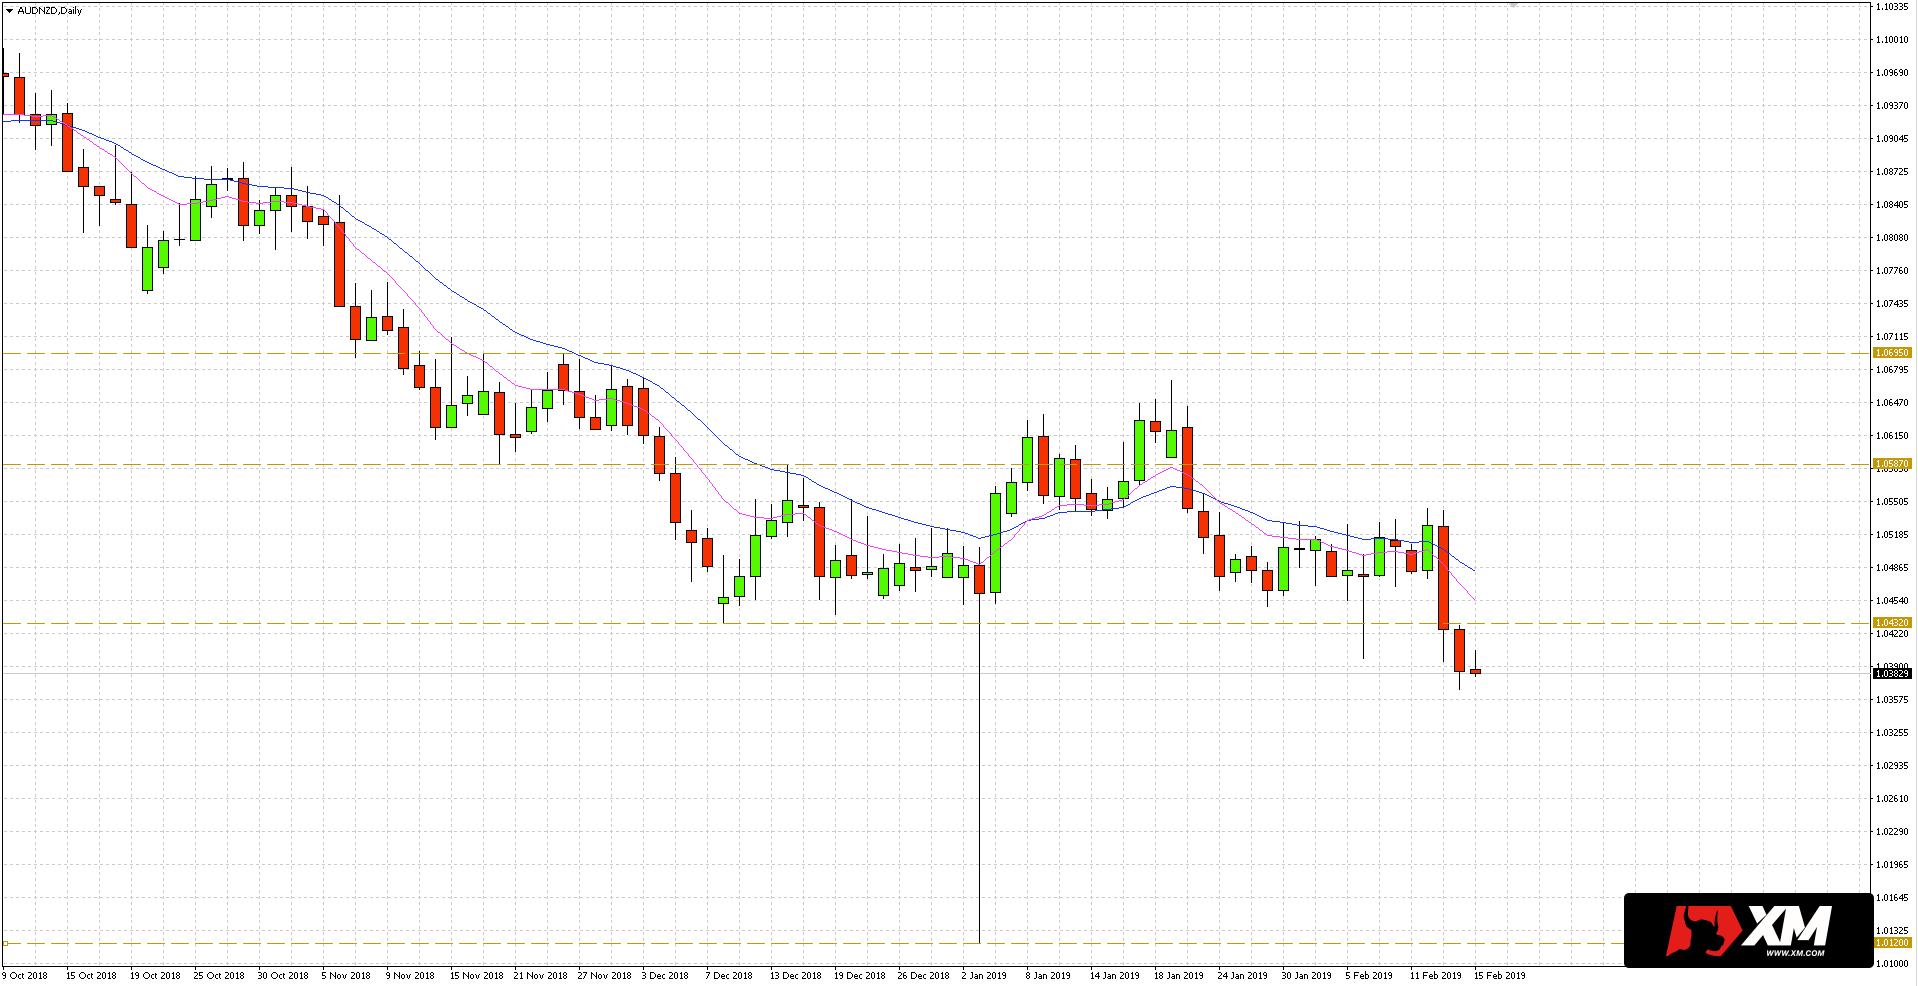 Dolar nowozelandzki (NZD) kolejną sesję umacniał się do AUD, co zaowocowało spadkiem na parze walutowej AUD/NZD